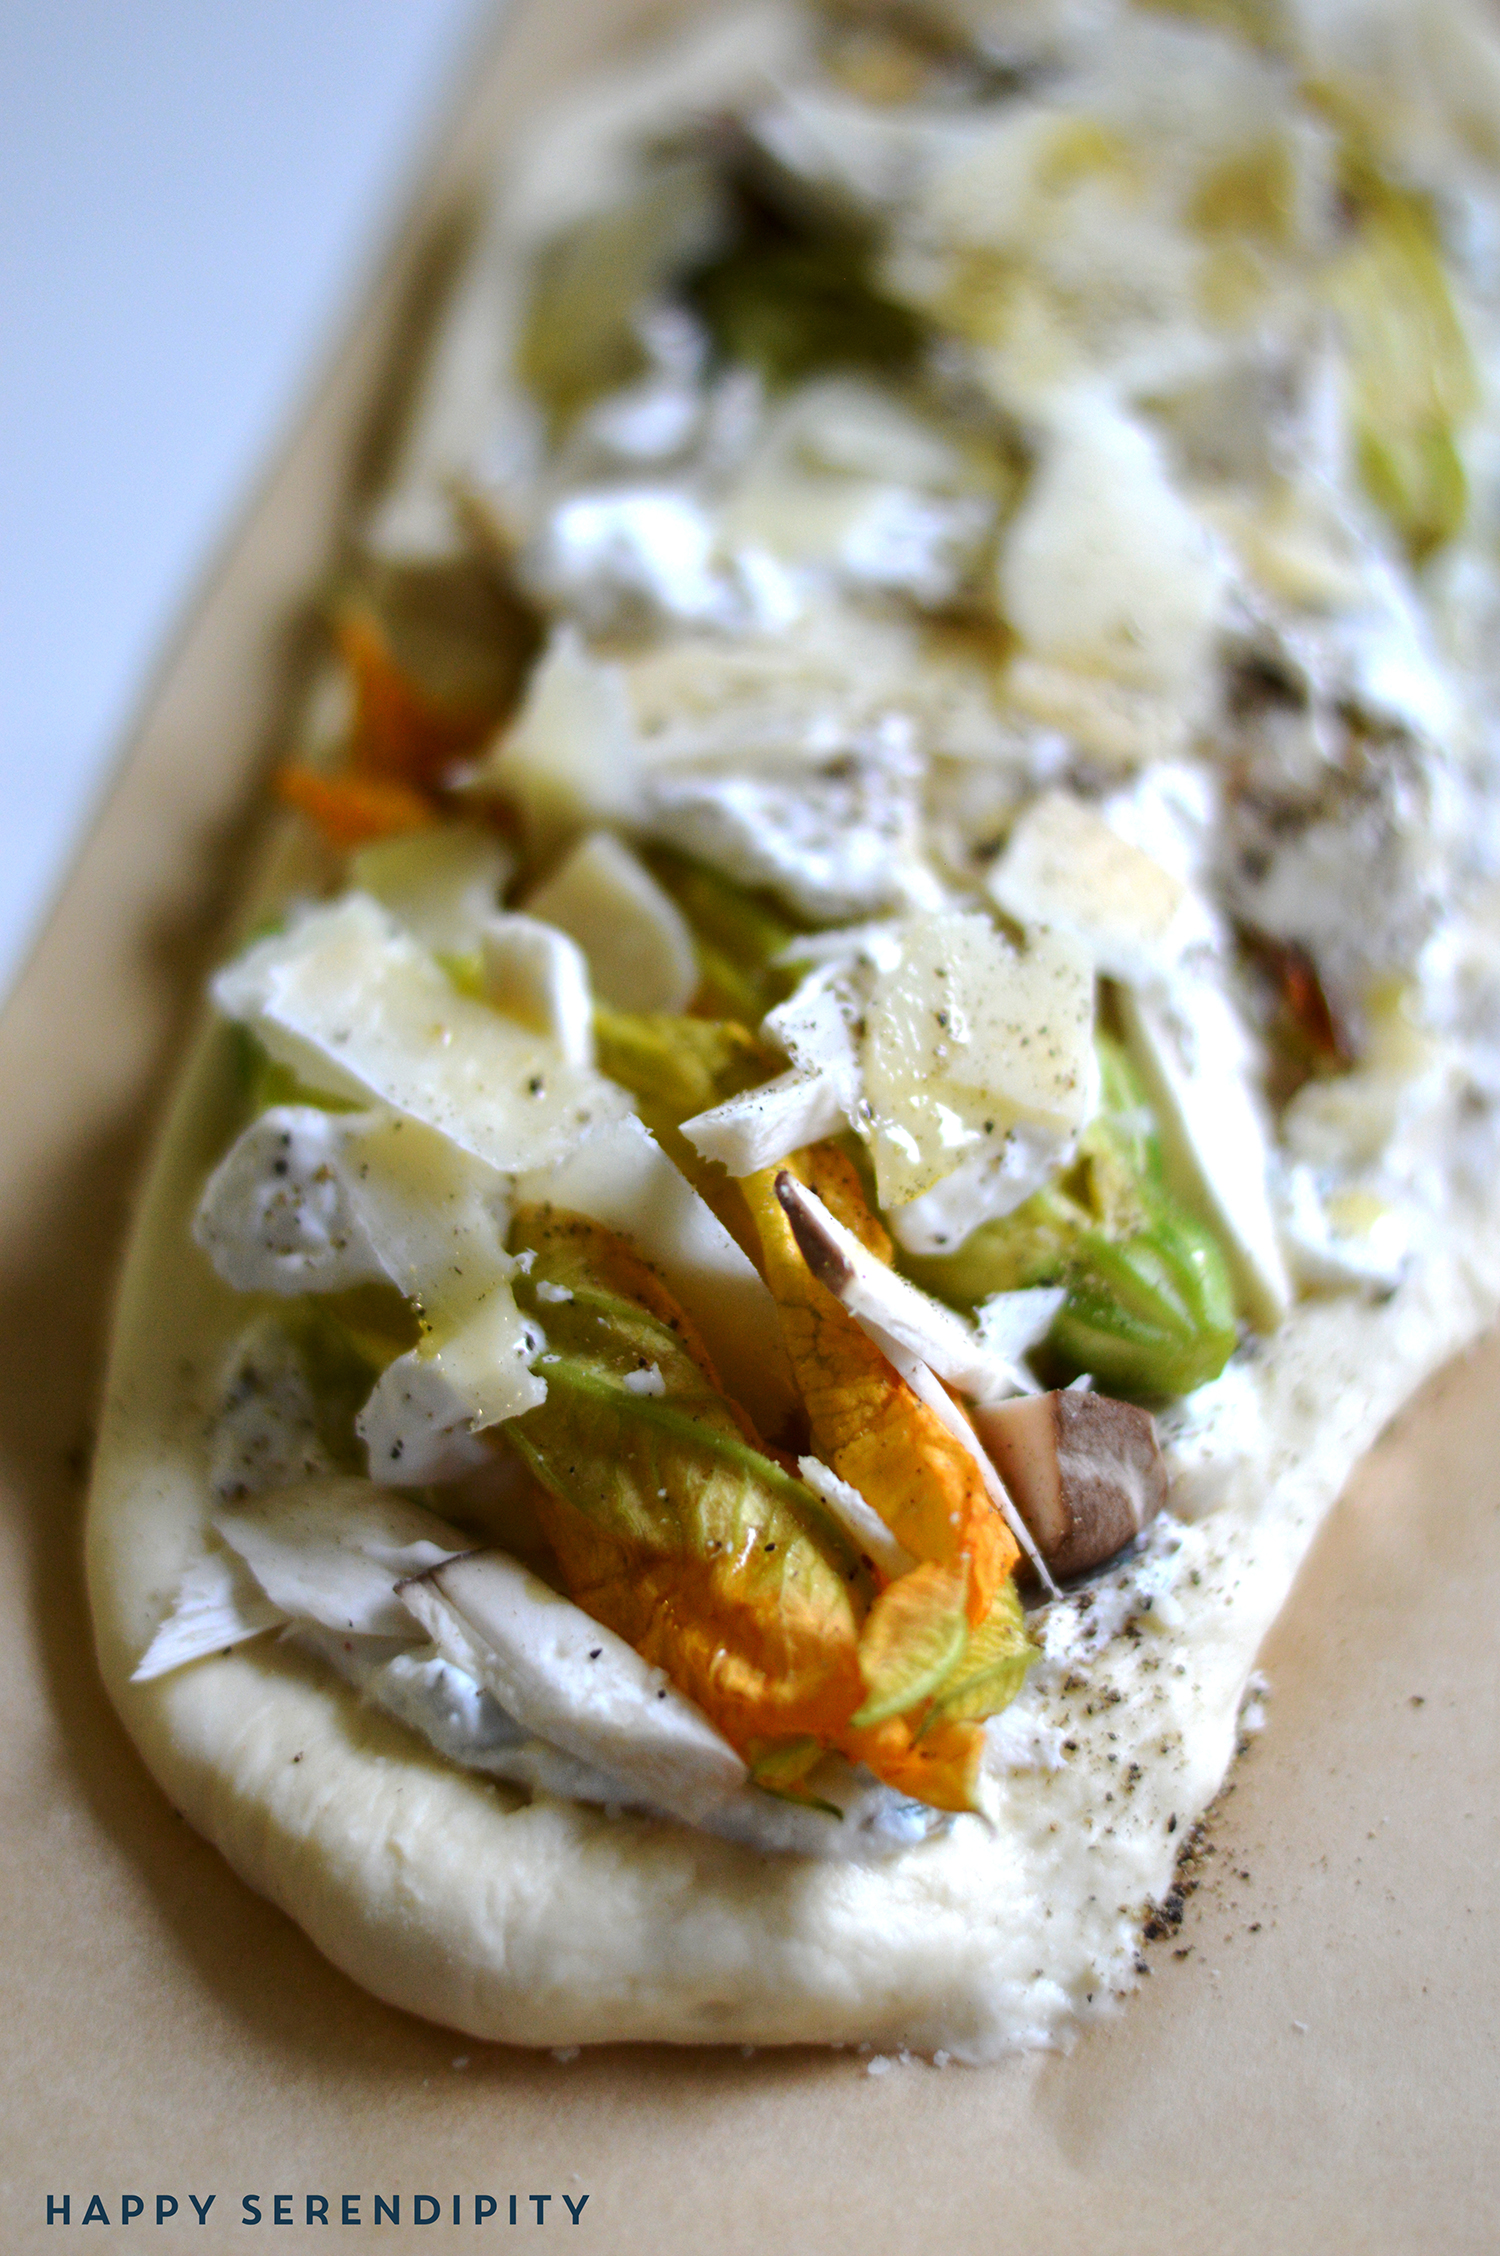 eine tarte mit zucchiniblüten, maskarpone, parmesan und kräuterseitlingen - einfach nur herrlich! ein köstliches rezept von happy serendipity